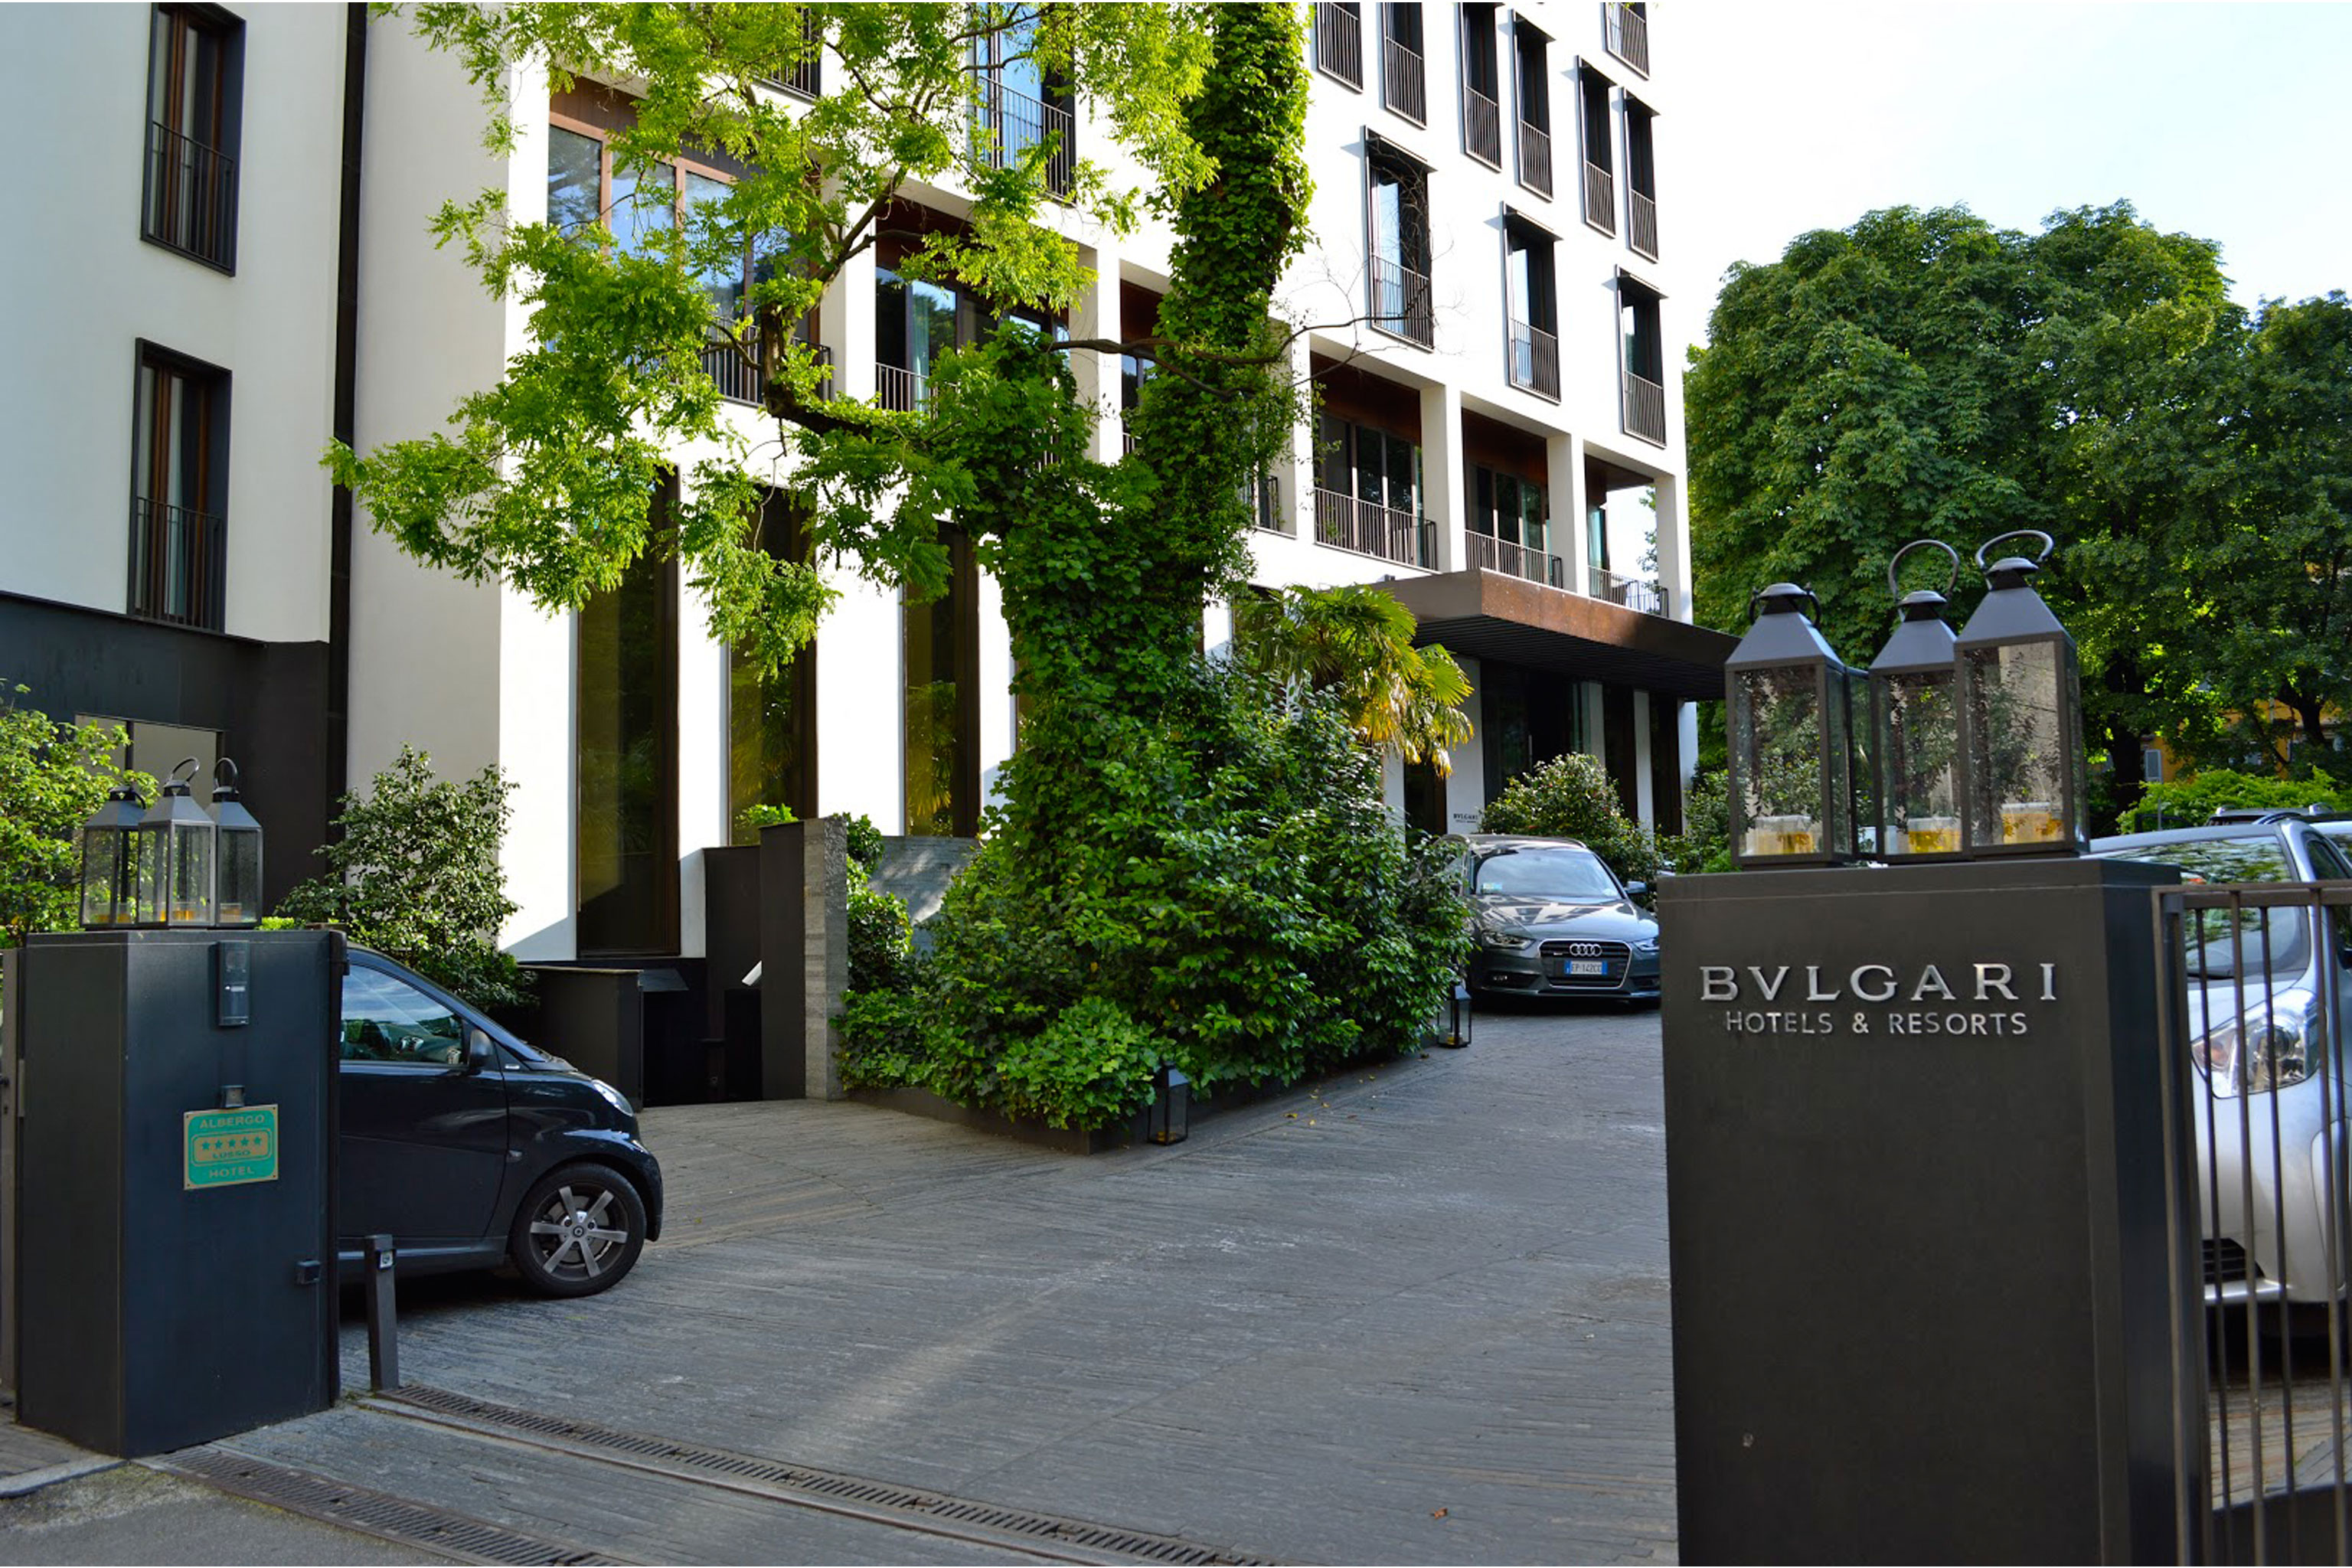 Bulgari Hotel Restaurant Milan